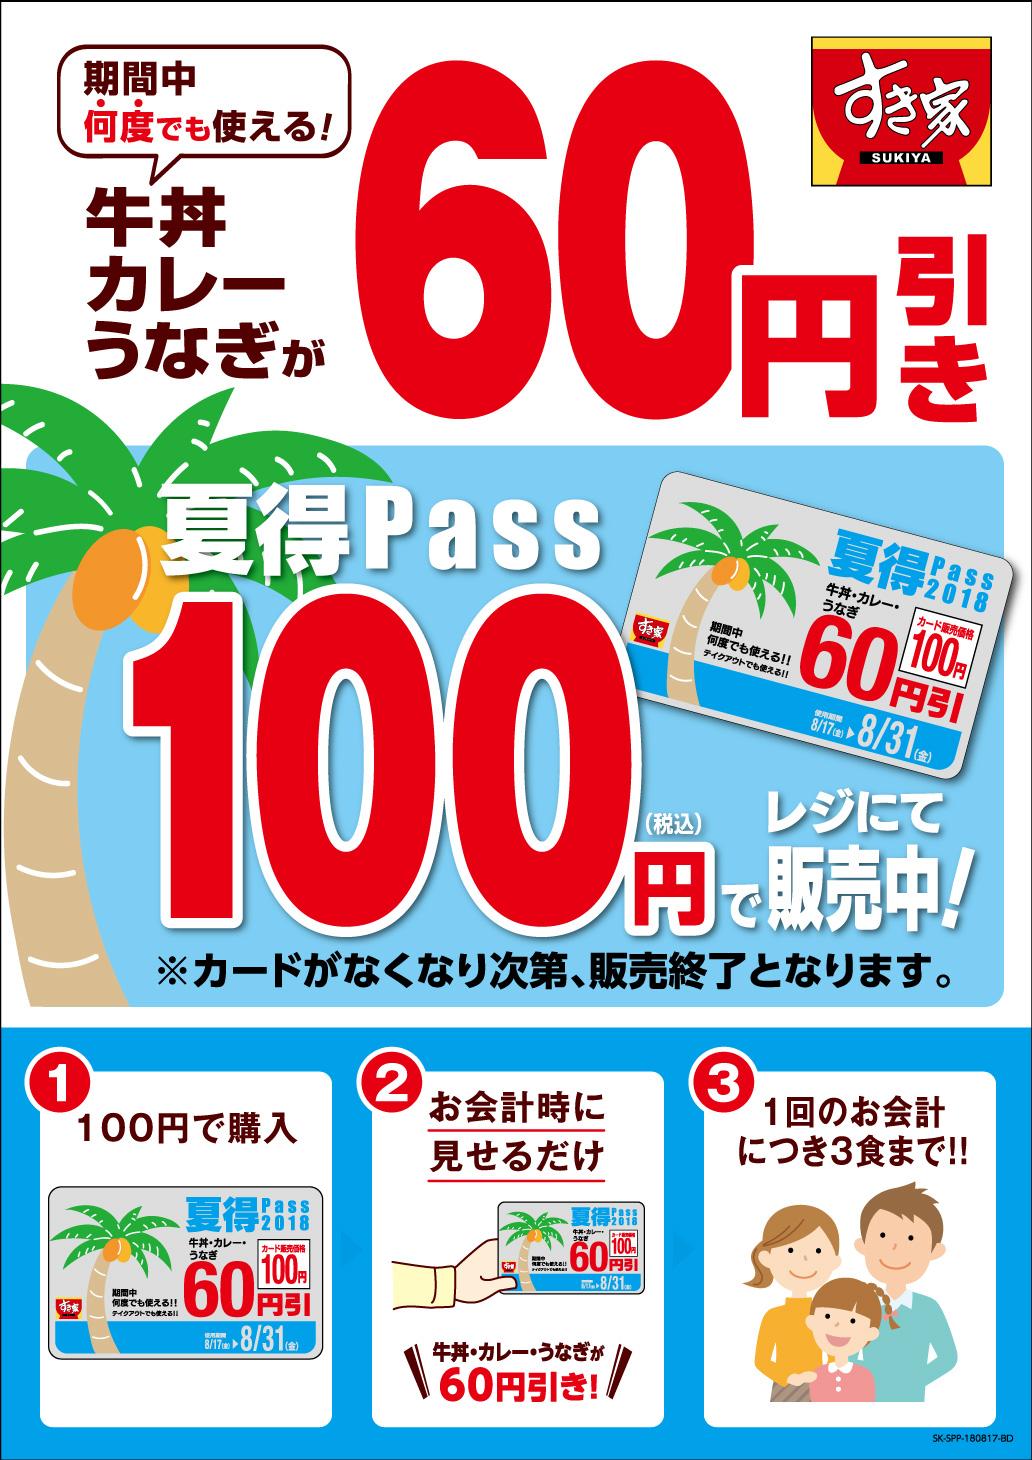 すき家が牛丼・カレー・うなぎが何度でも60円引きとなる夏得passを100円で販売中。2回で元が取れるぞ。8/17~8/31。